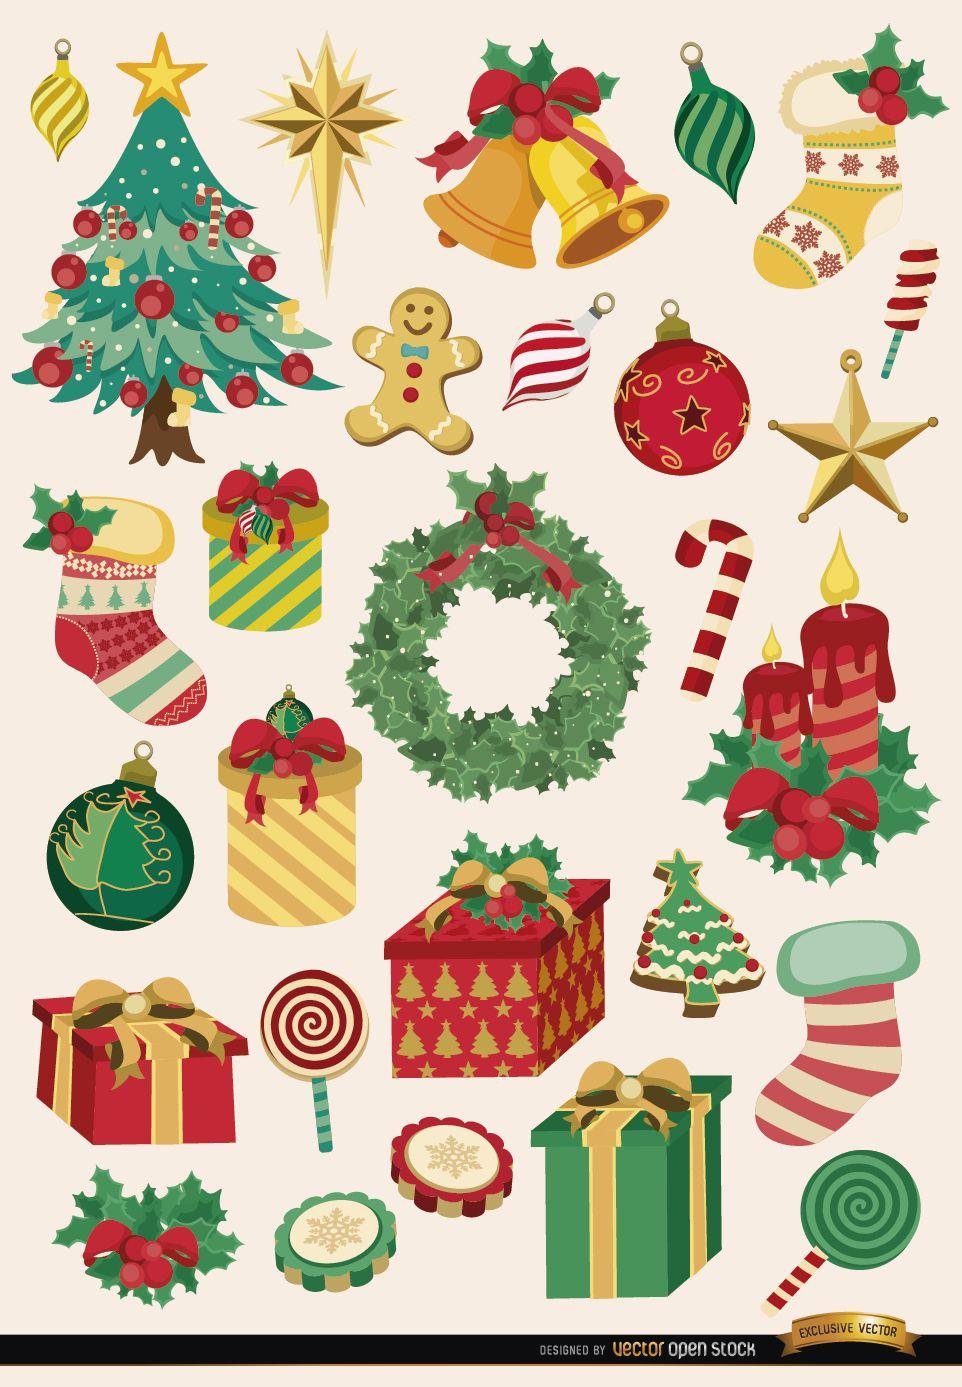 28 elementos de la navidad y objetos descargar vector - Objetos de navidad ...